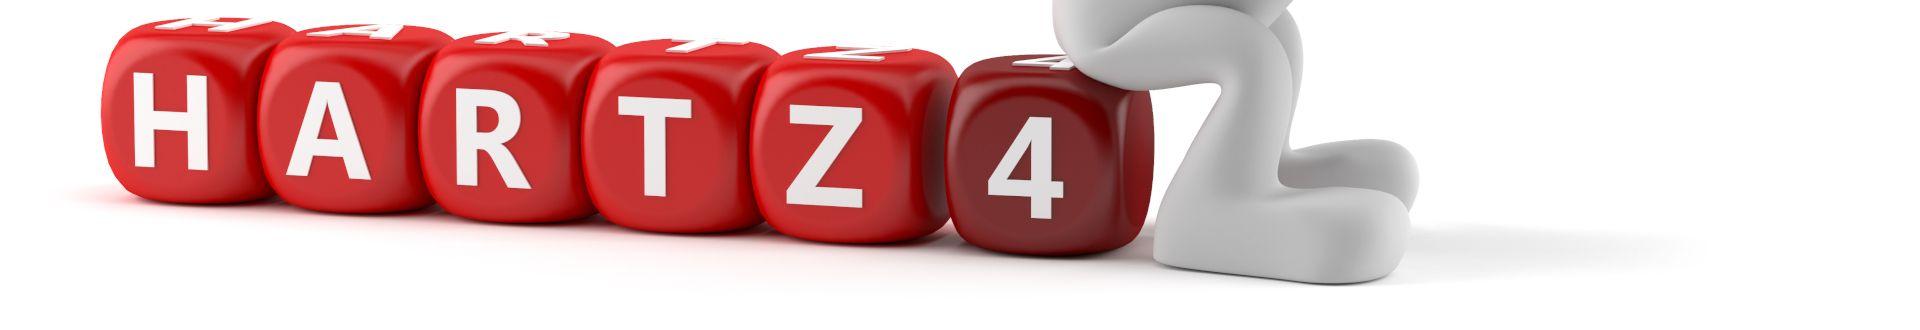 Hartz 4 Schriftzug - LSG: Hartz-IV-Beziehern soll die Rente mit Abschlägen zuzumuten sein